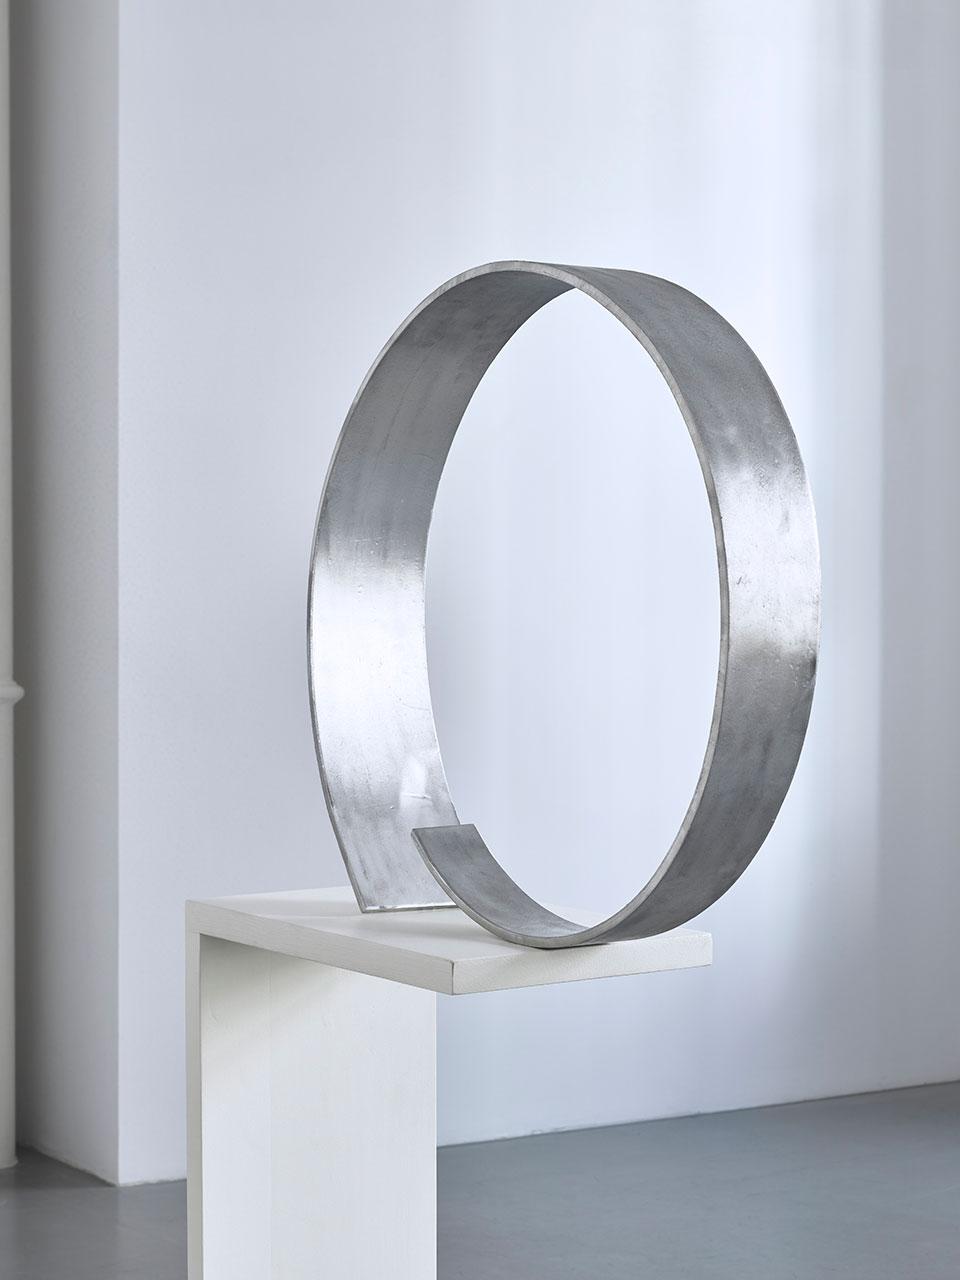 Bez tytułu, 1976, aluminium, 62 x 65 x 14 cm